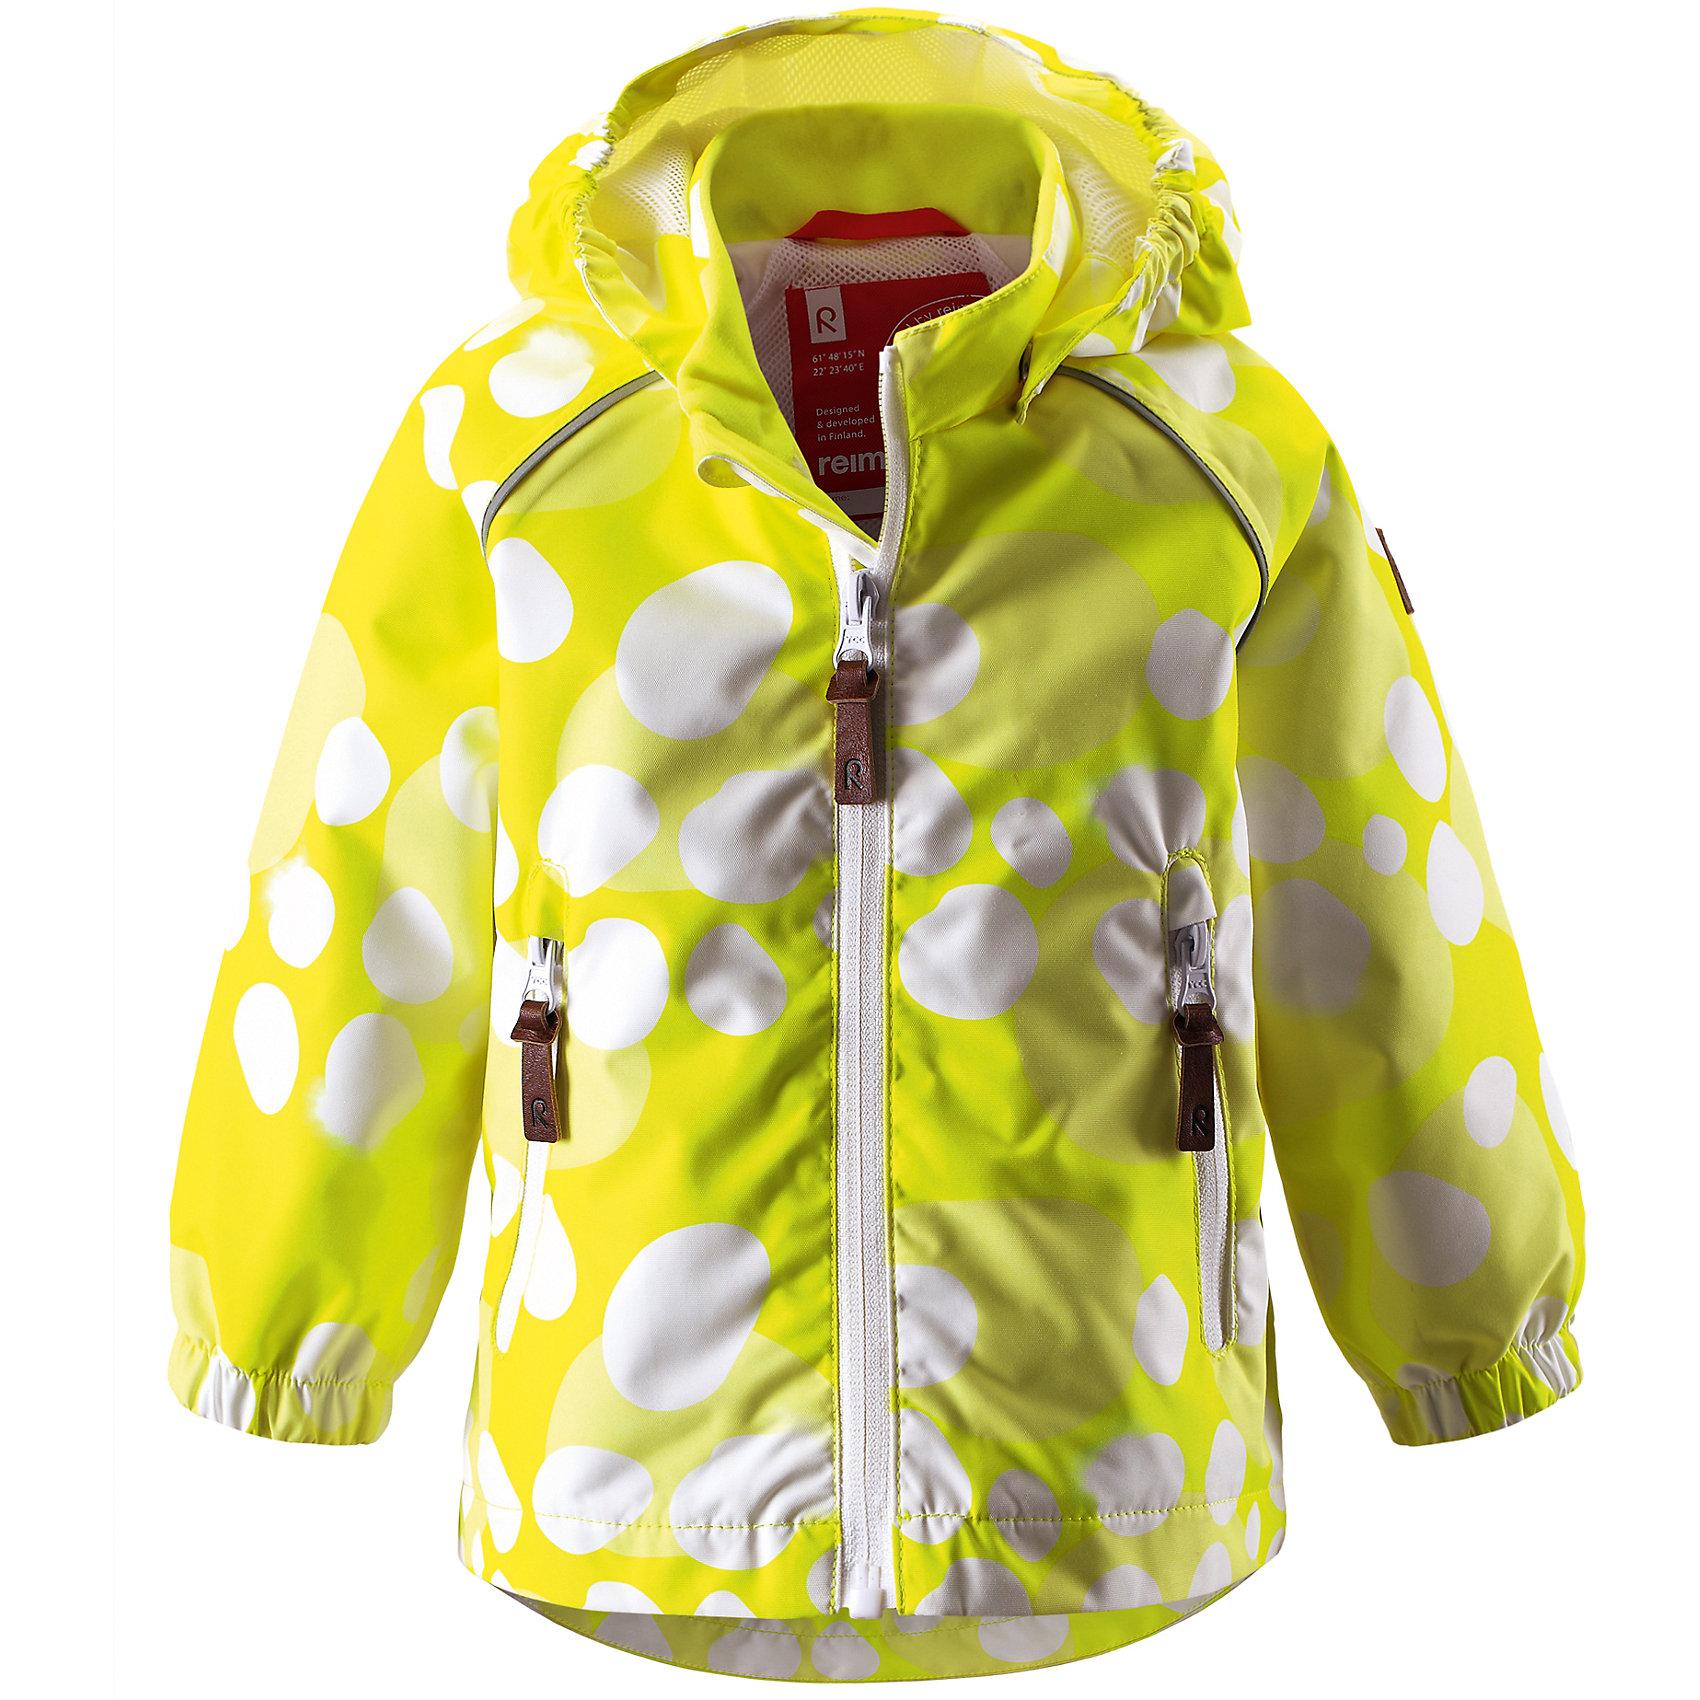 Куртка для девочки ReimaКуртка от финской марки Reima.<br>*Куртка демисезонная для малышей*Основные швы проклеены и не пропускают влагу*Водоотталкивающий, ветронепроницаемый, «дышащий» и грязеотталкивающий материал*Подкладка из mesh-сетки*Безопасный, съемный капюшон*Два кармана на молнии*Безопасные светоотражающие детали<br>Состав:<br>100% ПЭ, ПУ-покрытие<br><br>Ширина мм: 356<br>Глубина мм: 10<br>Высота мм: 245<br>Вес г: 519<br>Цвет: желтый<br>Возраст от месяцев: 18<br>Возраст до месяцев: 24<br>Пол: Женский<br>Возраст: Детский<br>Размер: 92,86,98,74,80<br>SKU: 4631317